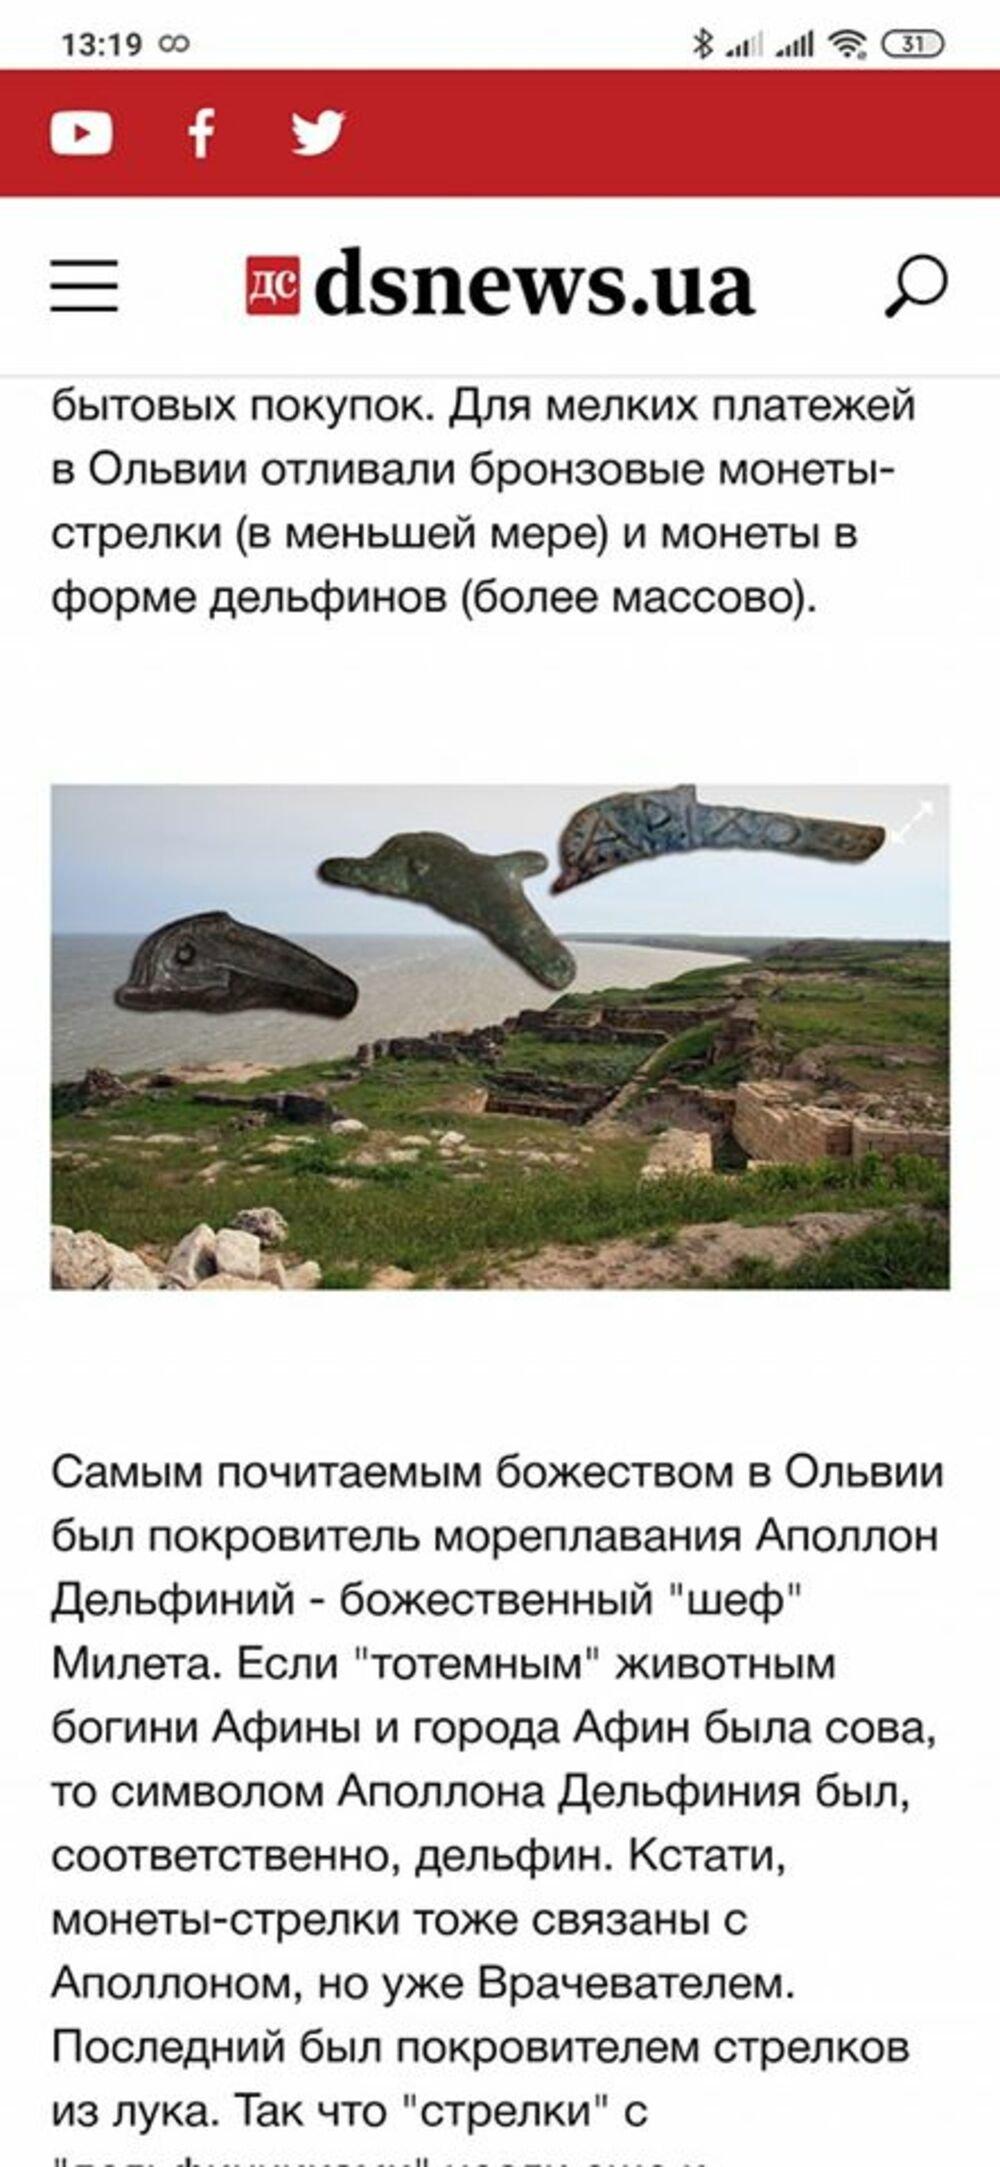 Монеты древней Ольвии обнаружили за сотни километров от Николаева, - ФОТО, фото-4